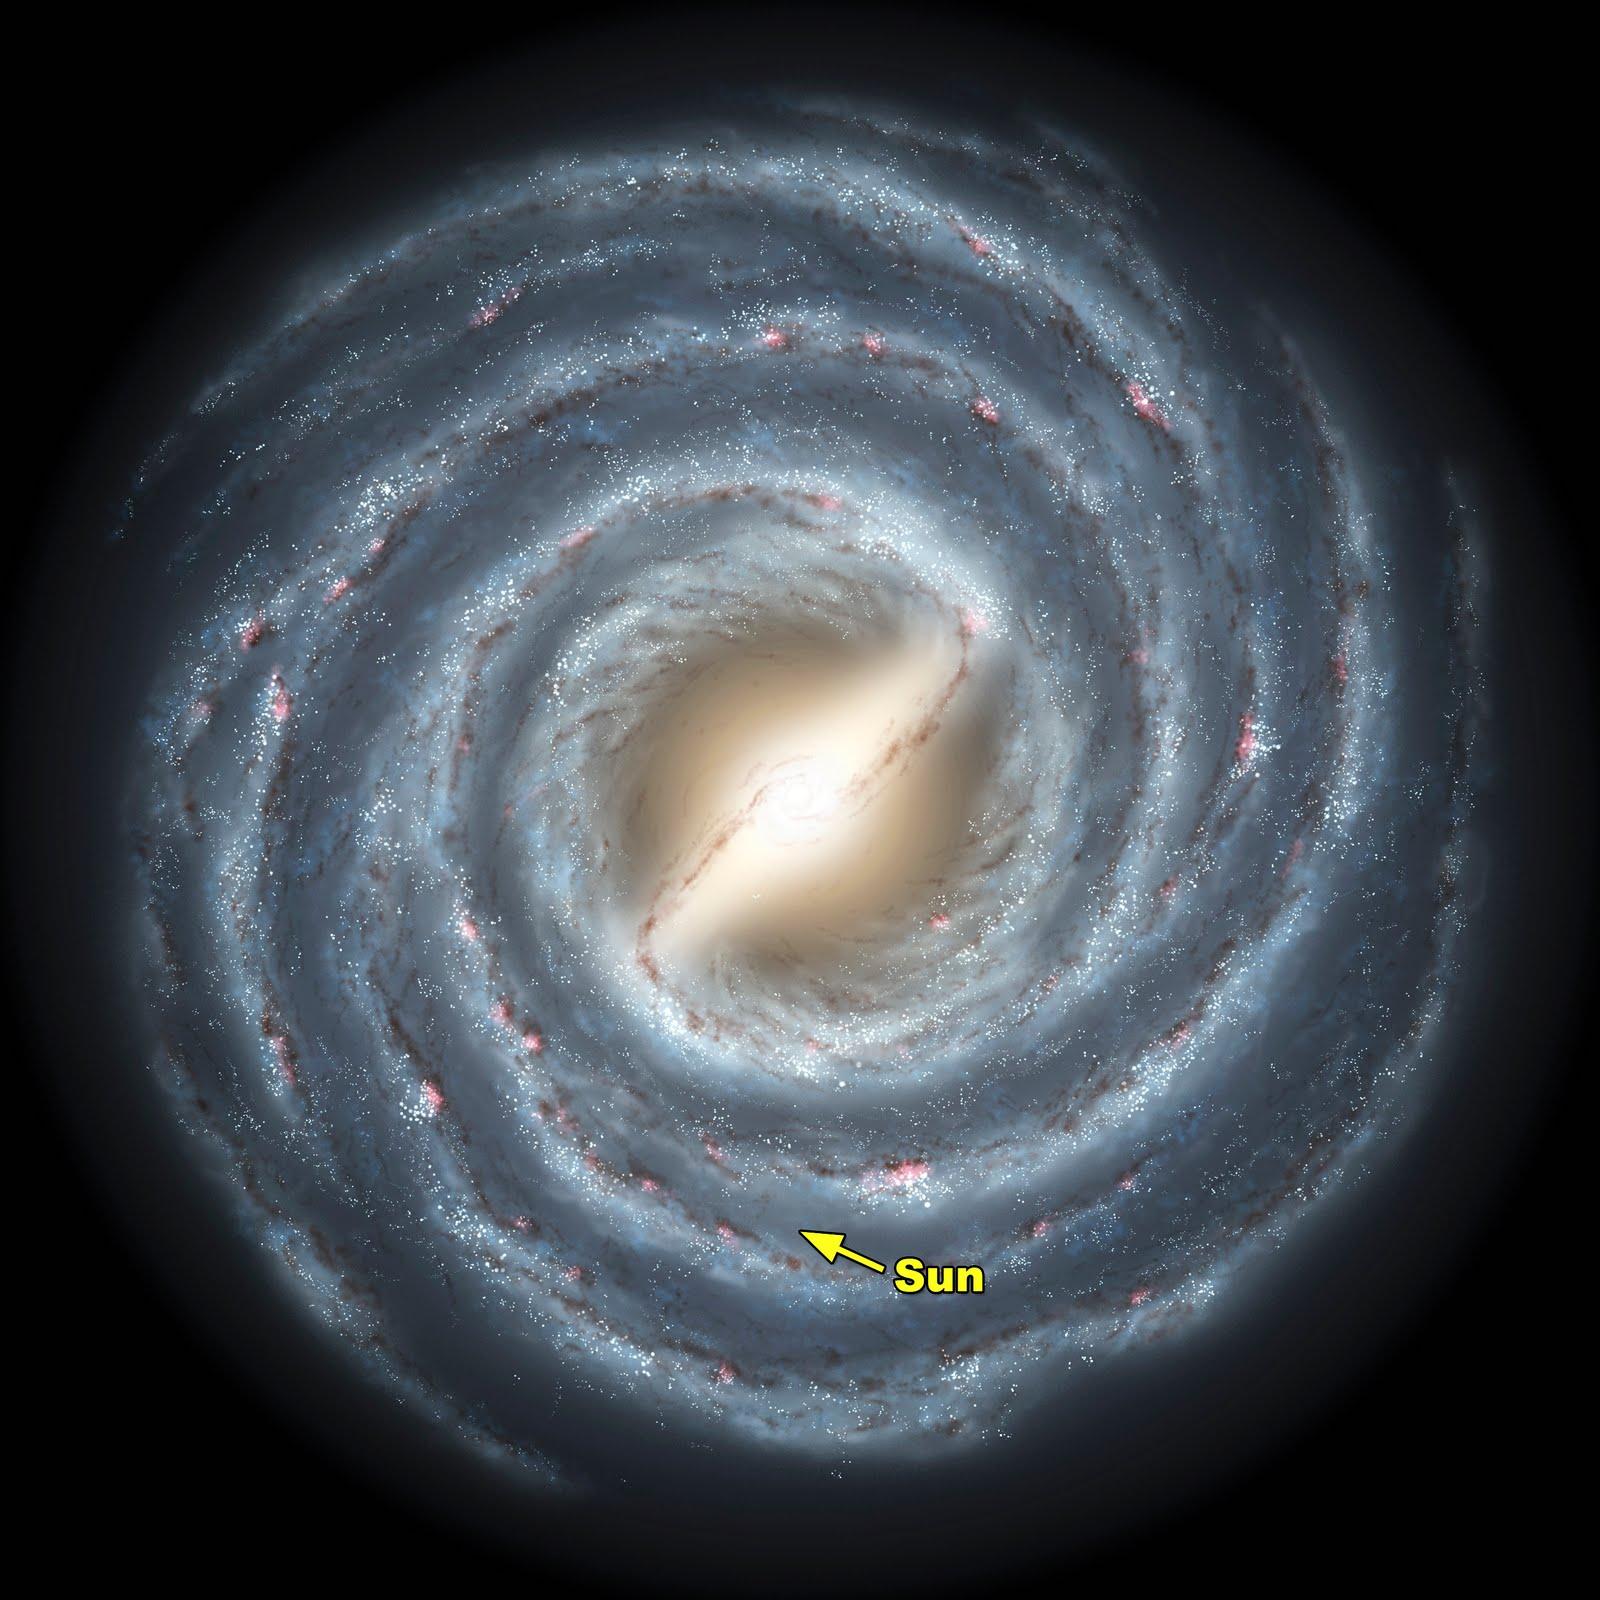 �Milky Way� alias Cosmic Ocean